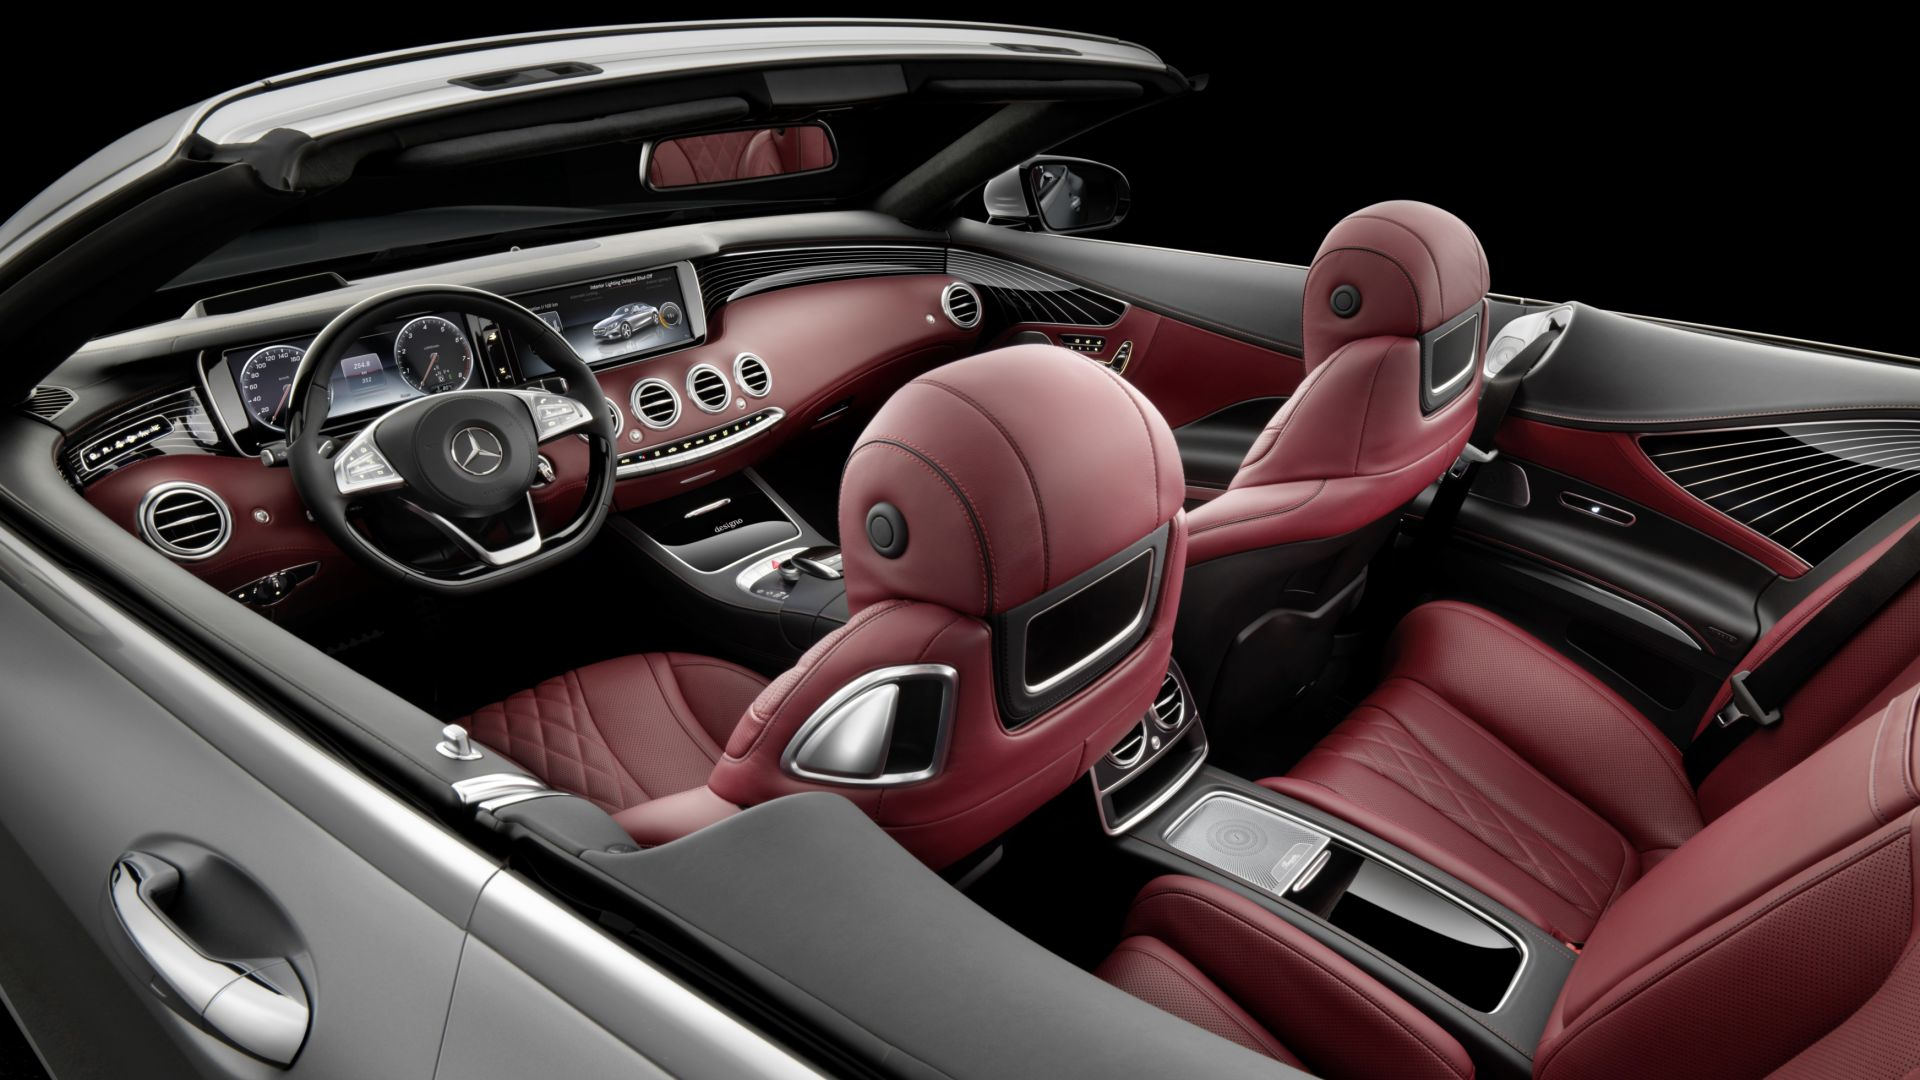 Mercedes benz s klasse cabriolet lueg for Interieur s klasse